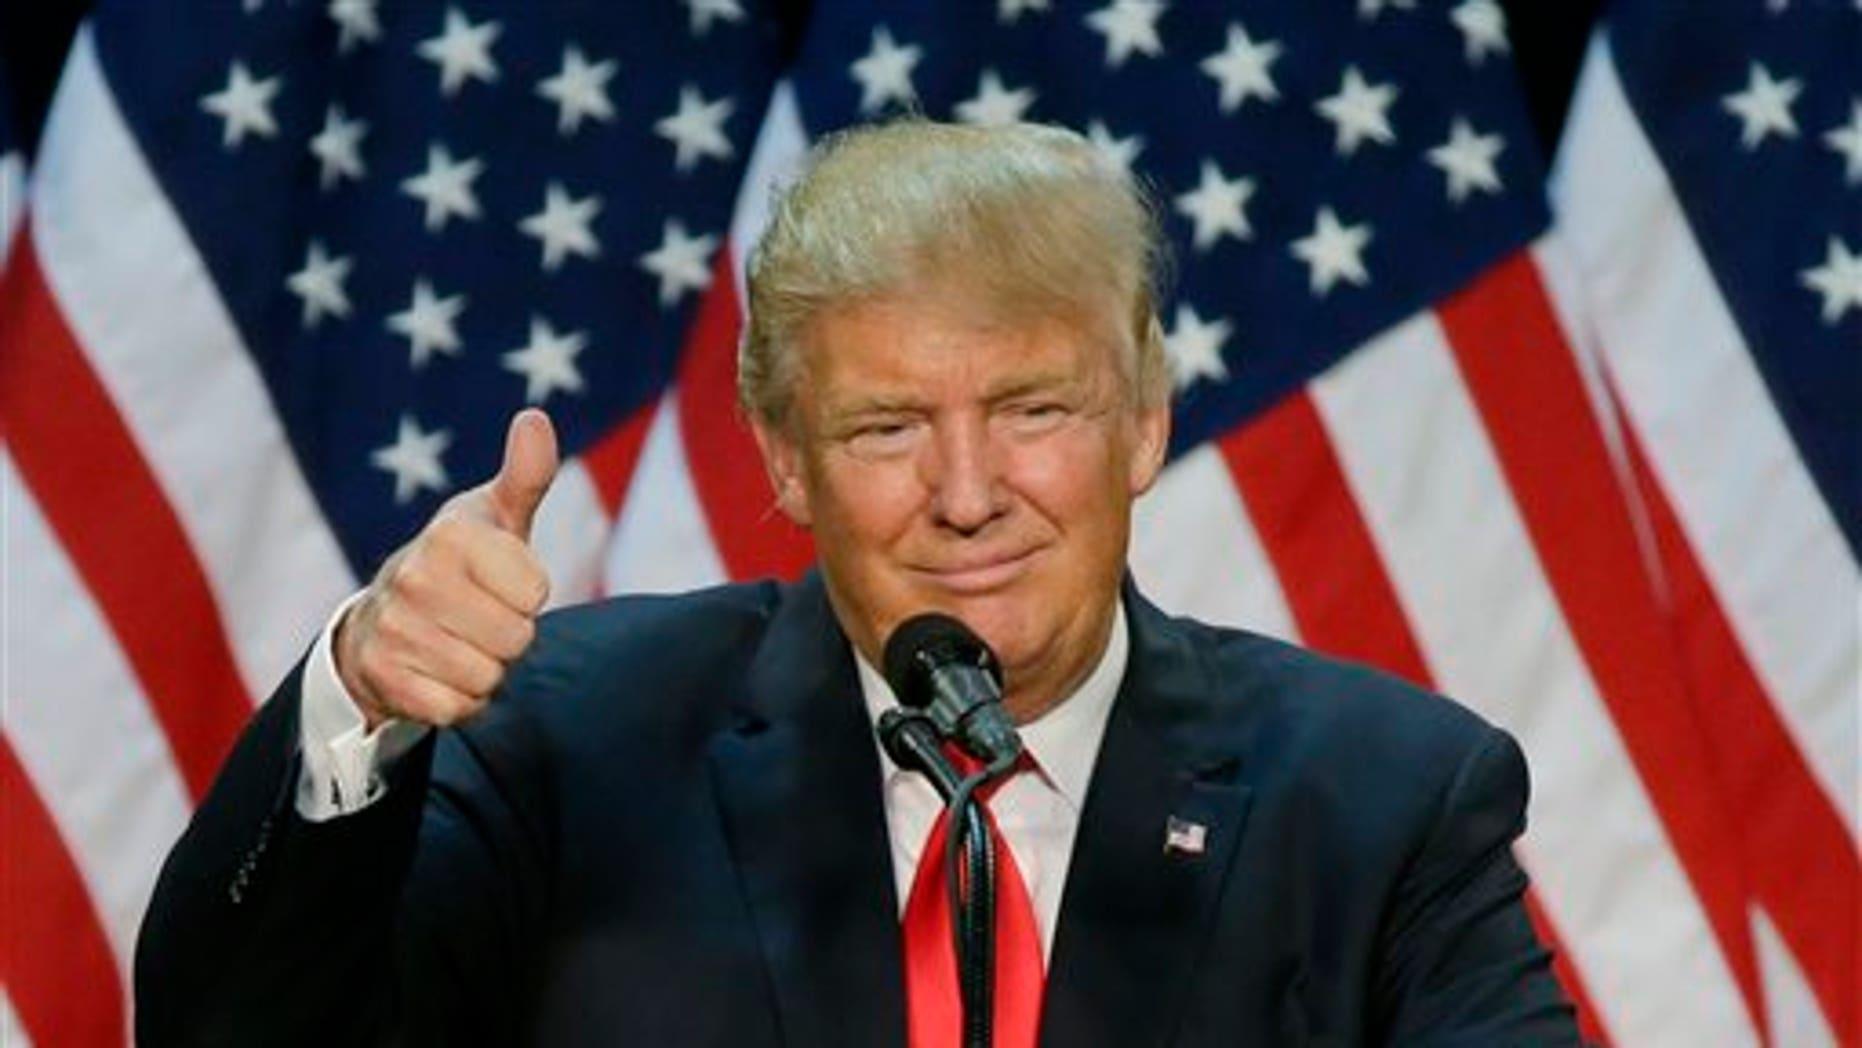 ARCHIVO- En imagen de archivo del viernes 6 de mayo de 2016, el precandidato republicano a la presidencia Donald Trump habla durante un acto de campaña en Eugene, Oregon. Trump ganó las elecciones primarias en Oregon, con lo que se acerca a 76 delegados de asegurar la nominación del partido. (AP Photo/Ted S. Warren, File)